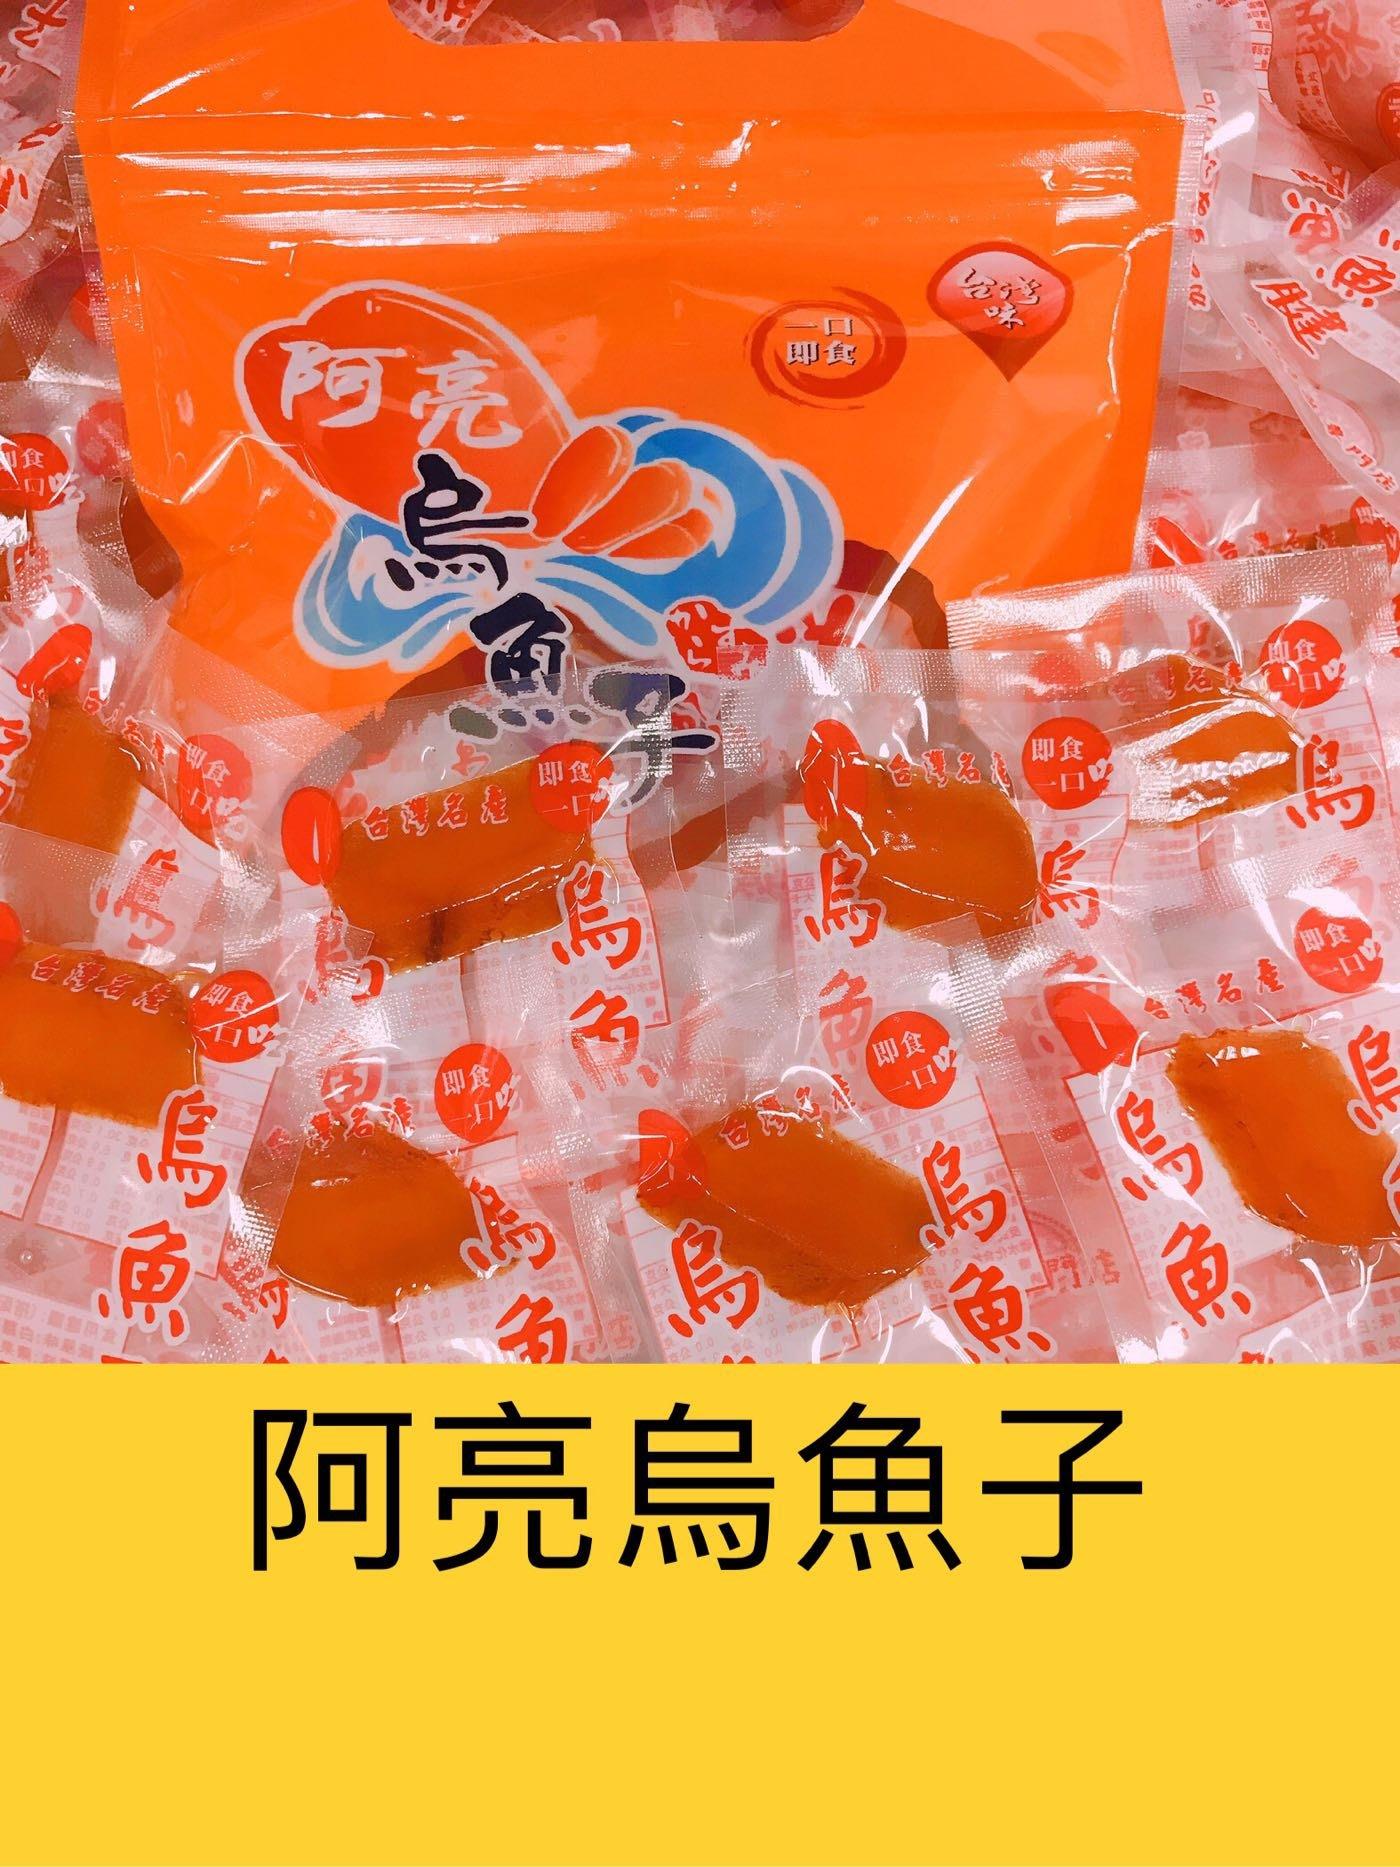 「阿亮烏魚子」(熟食)小塊一口烏魚子1小包